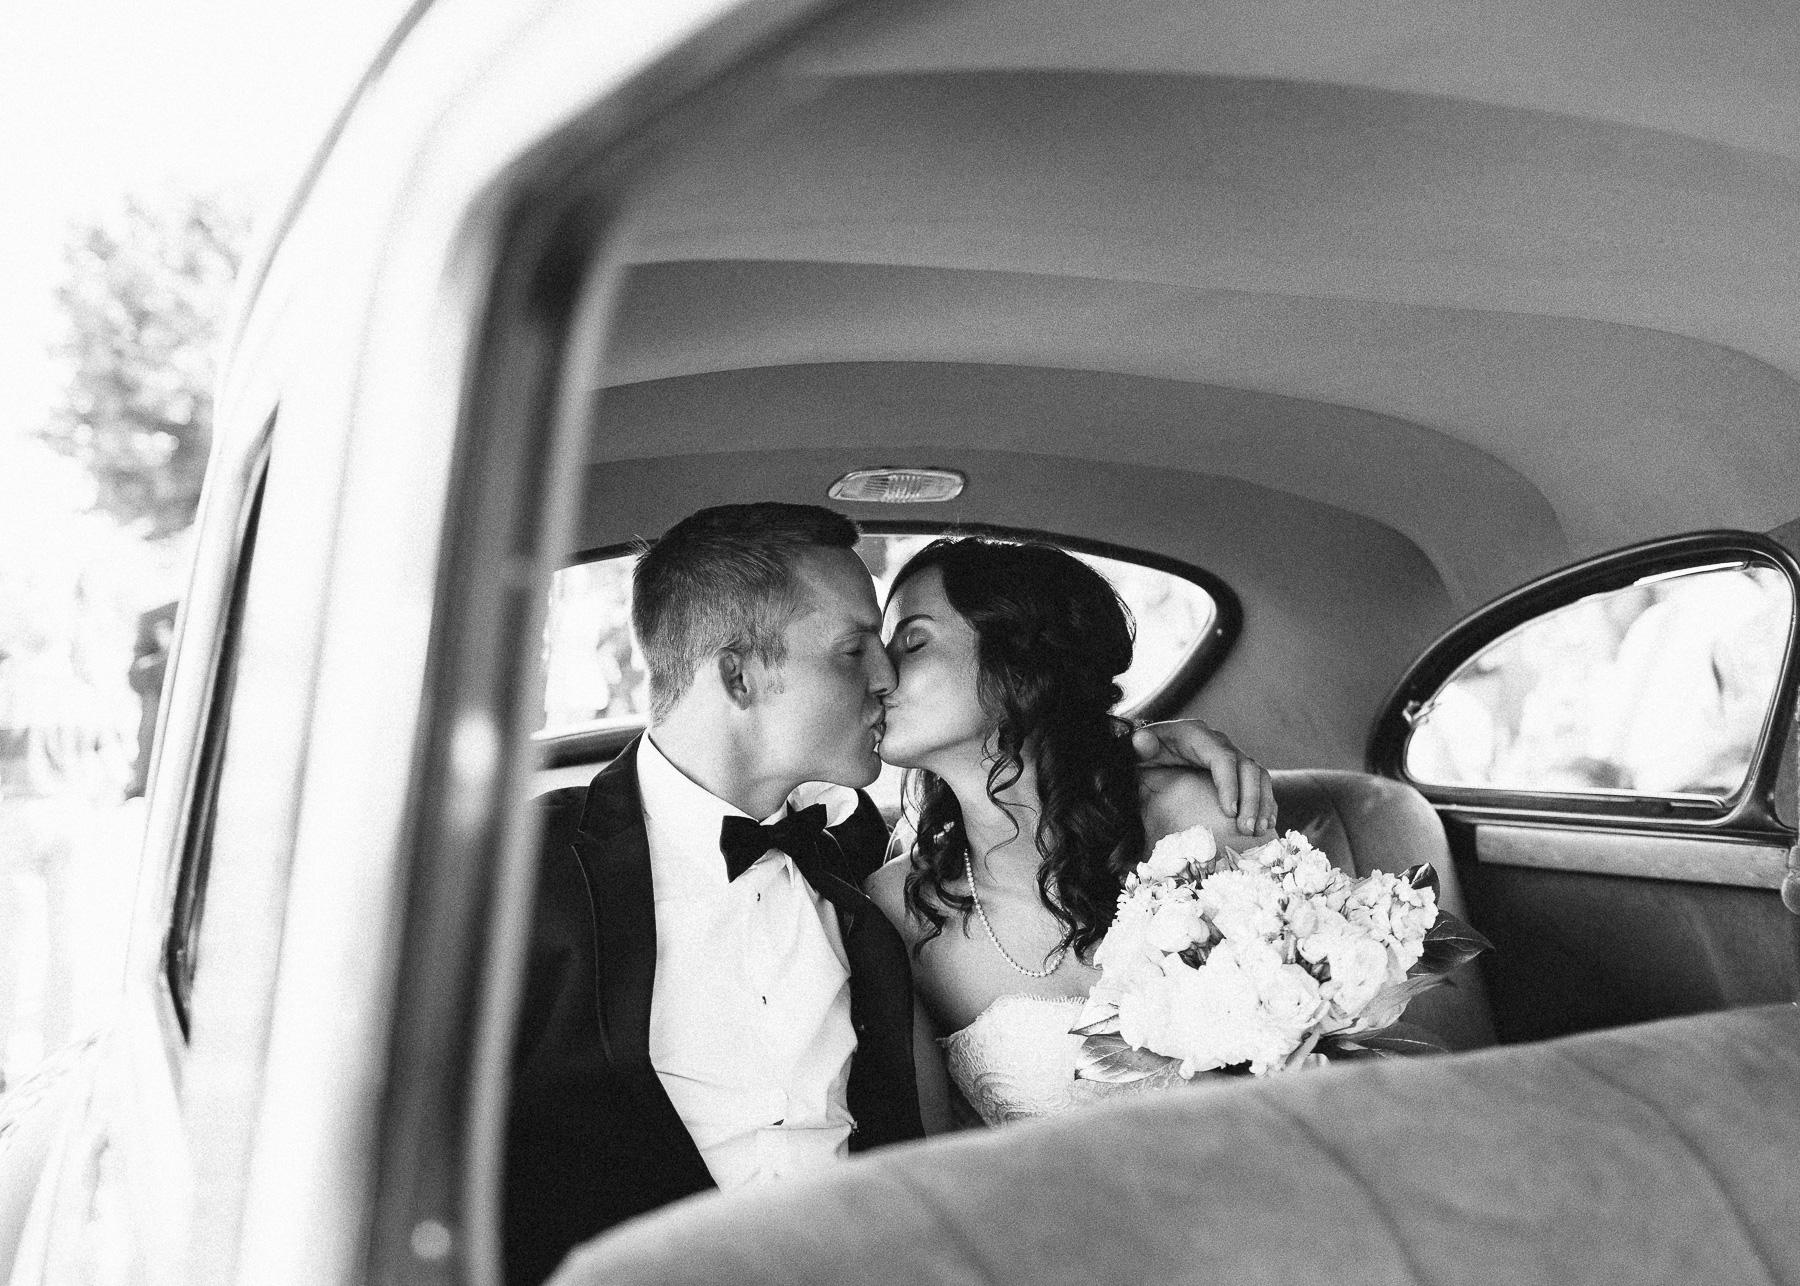 more kissing in car